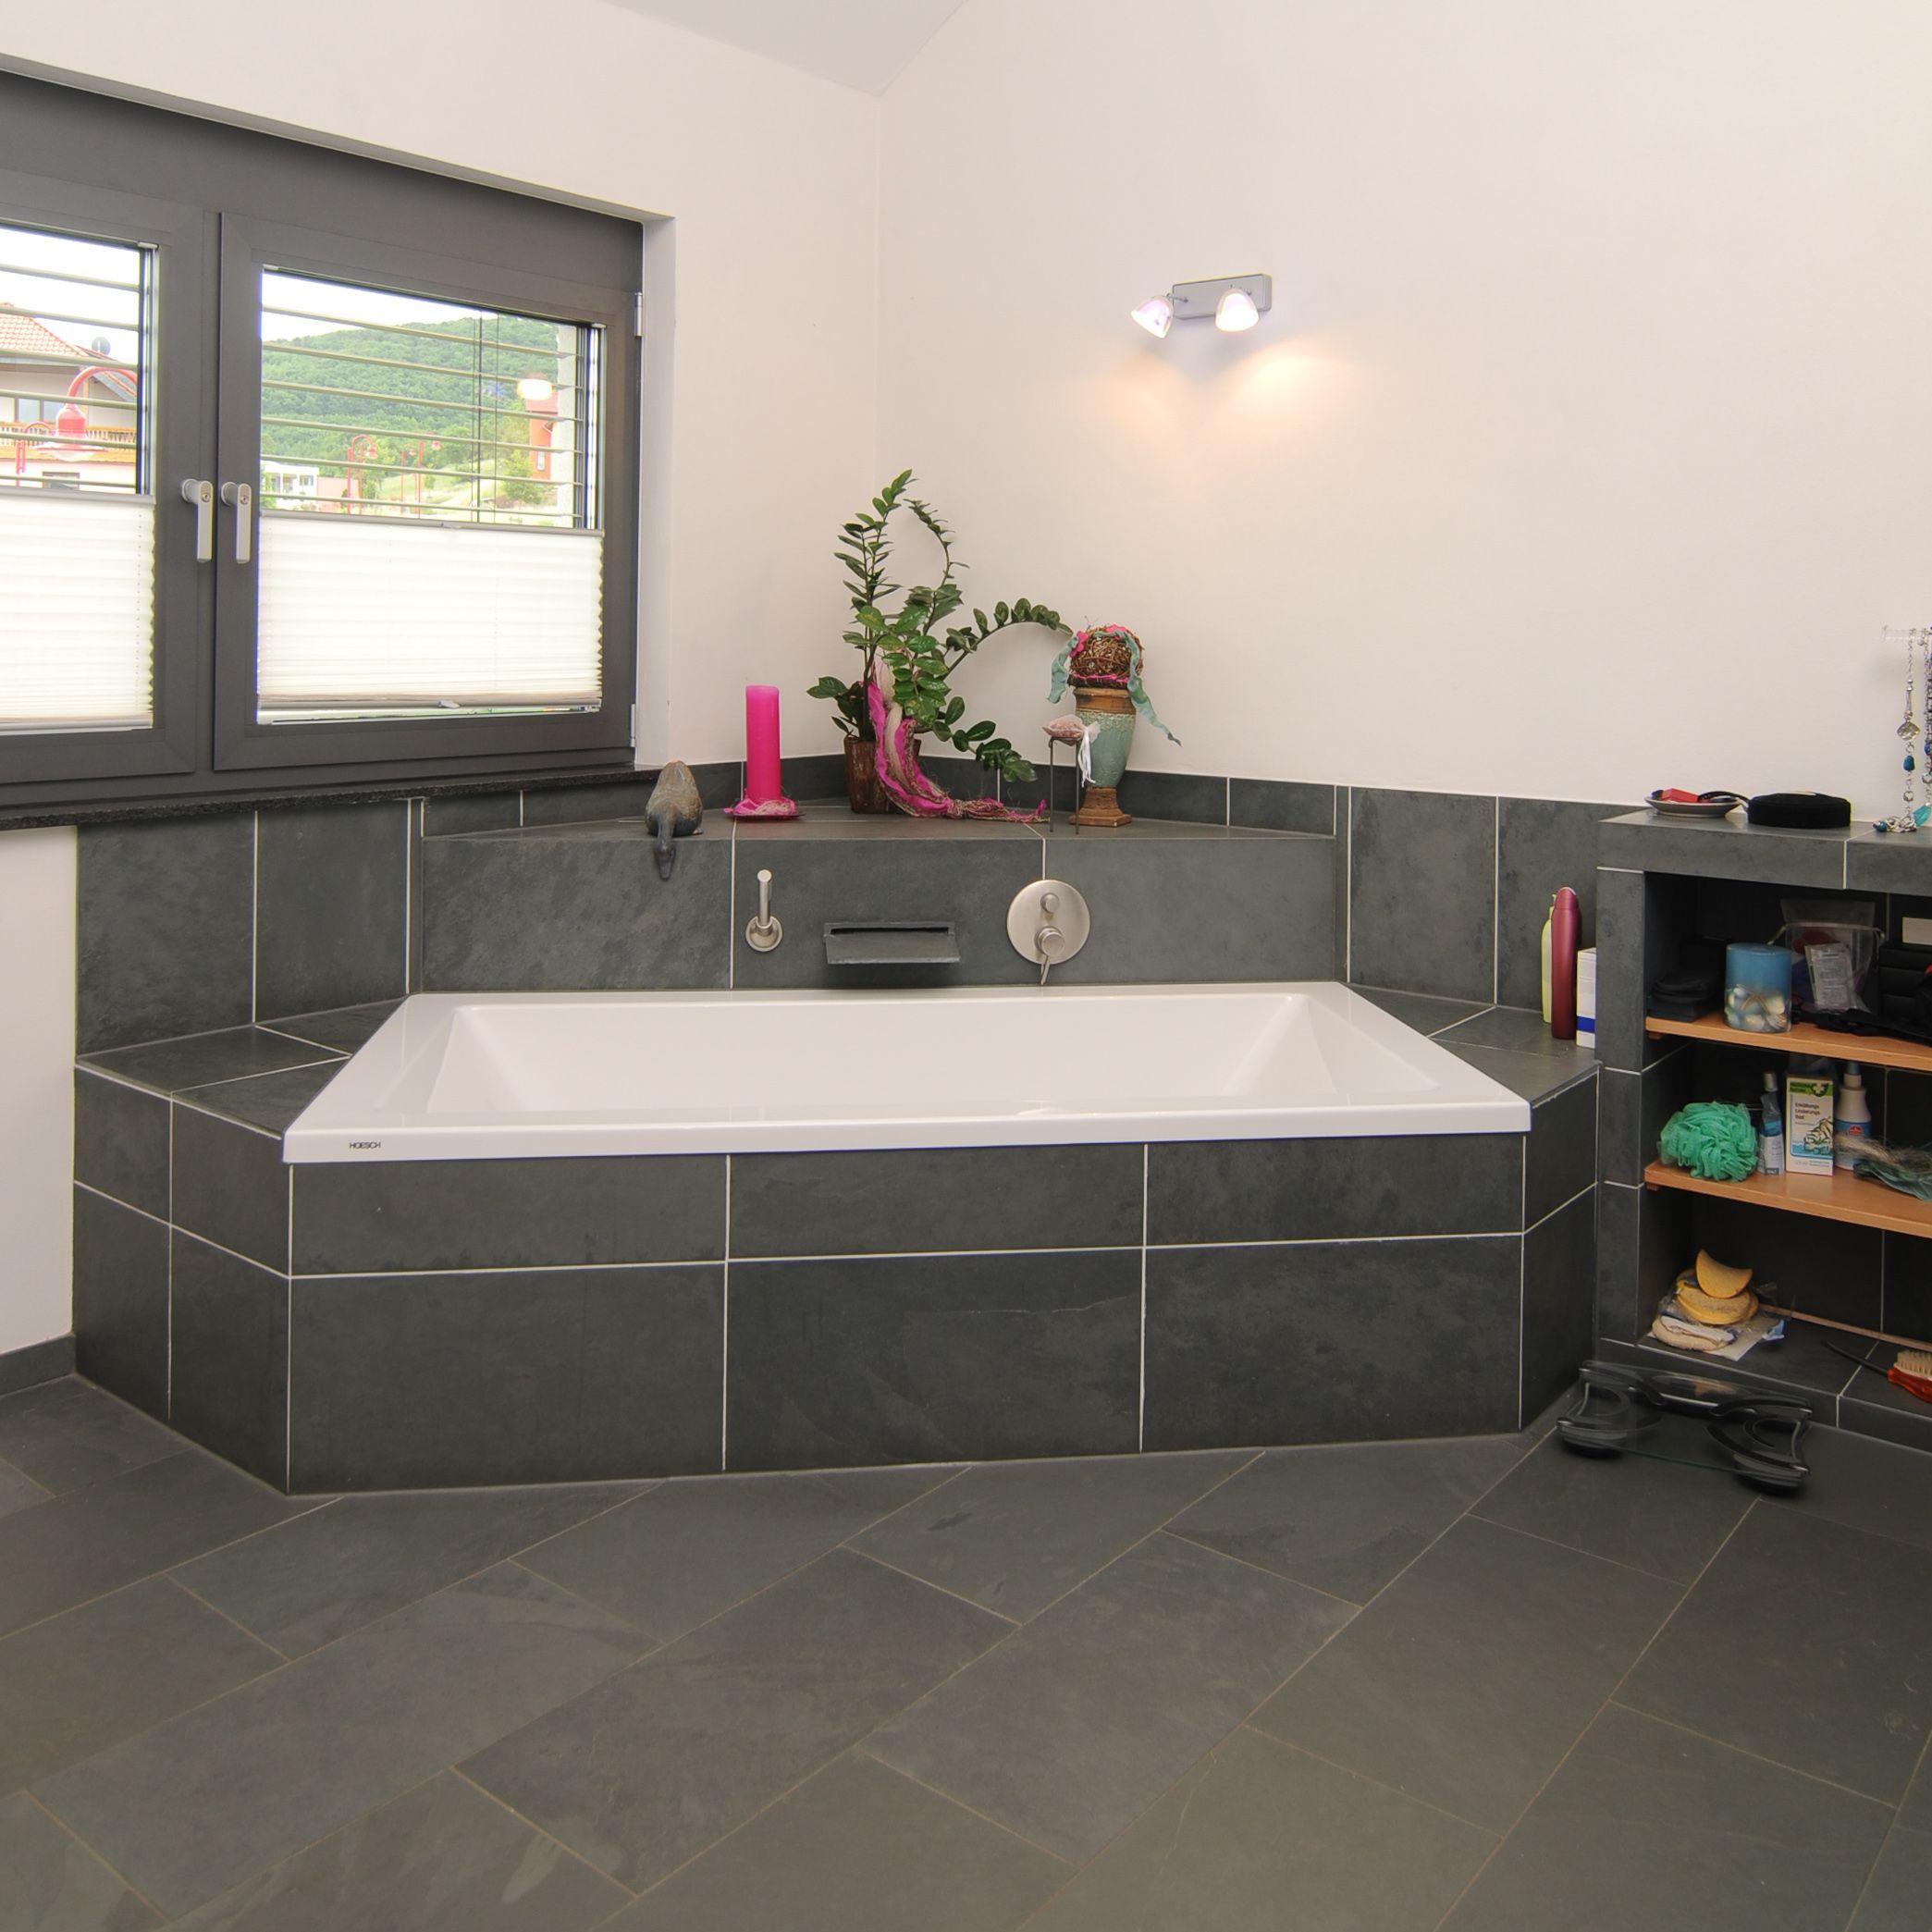 Relativ Planung Badezimmer im Neubau Eckbadewanne gefliest mit Dachschräge  EU52